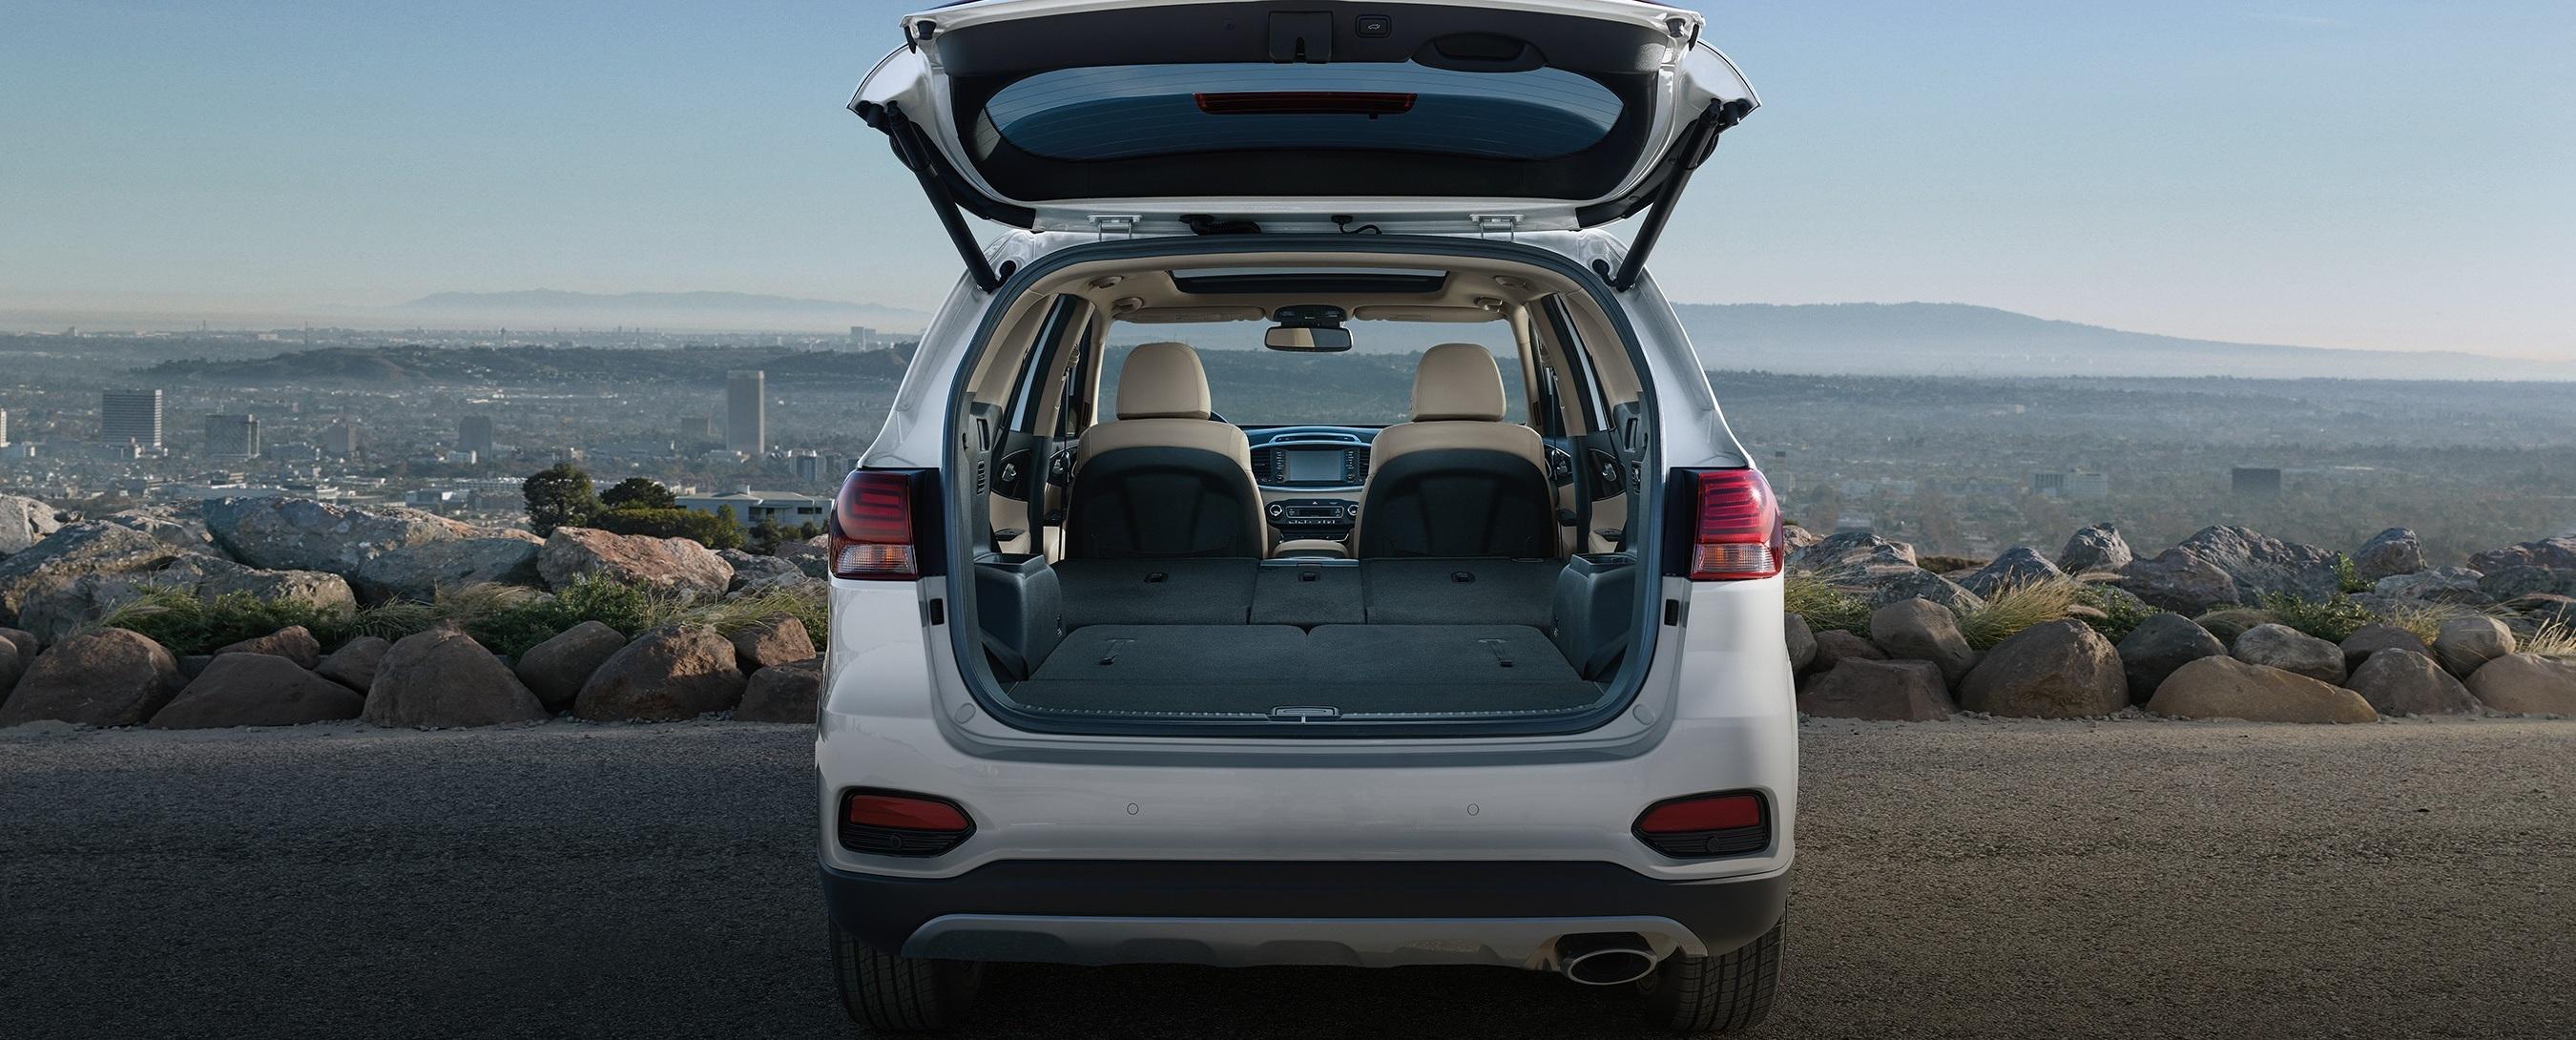 2020 Kia Sorento Smart Power Liftgate™